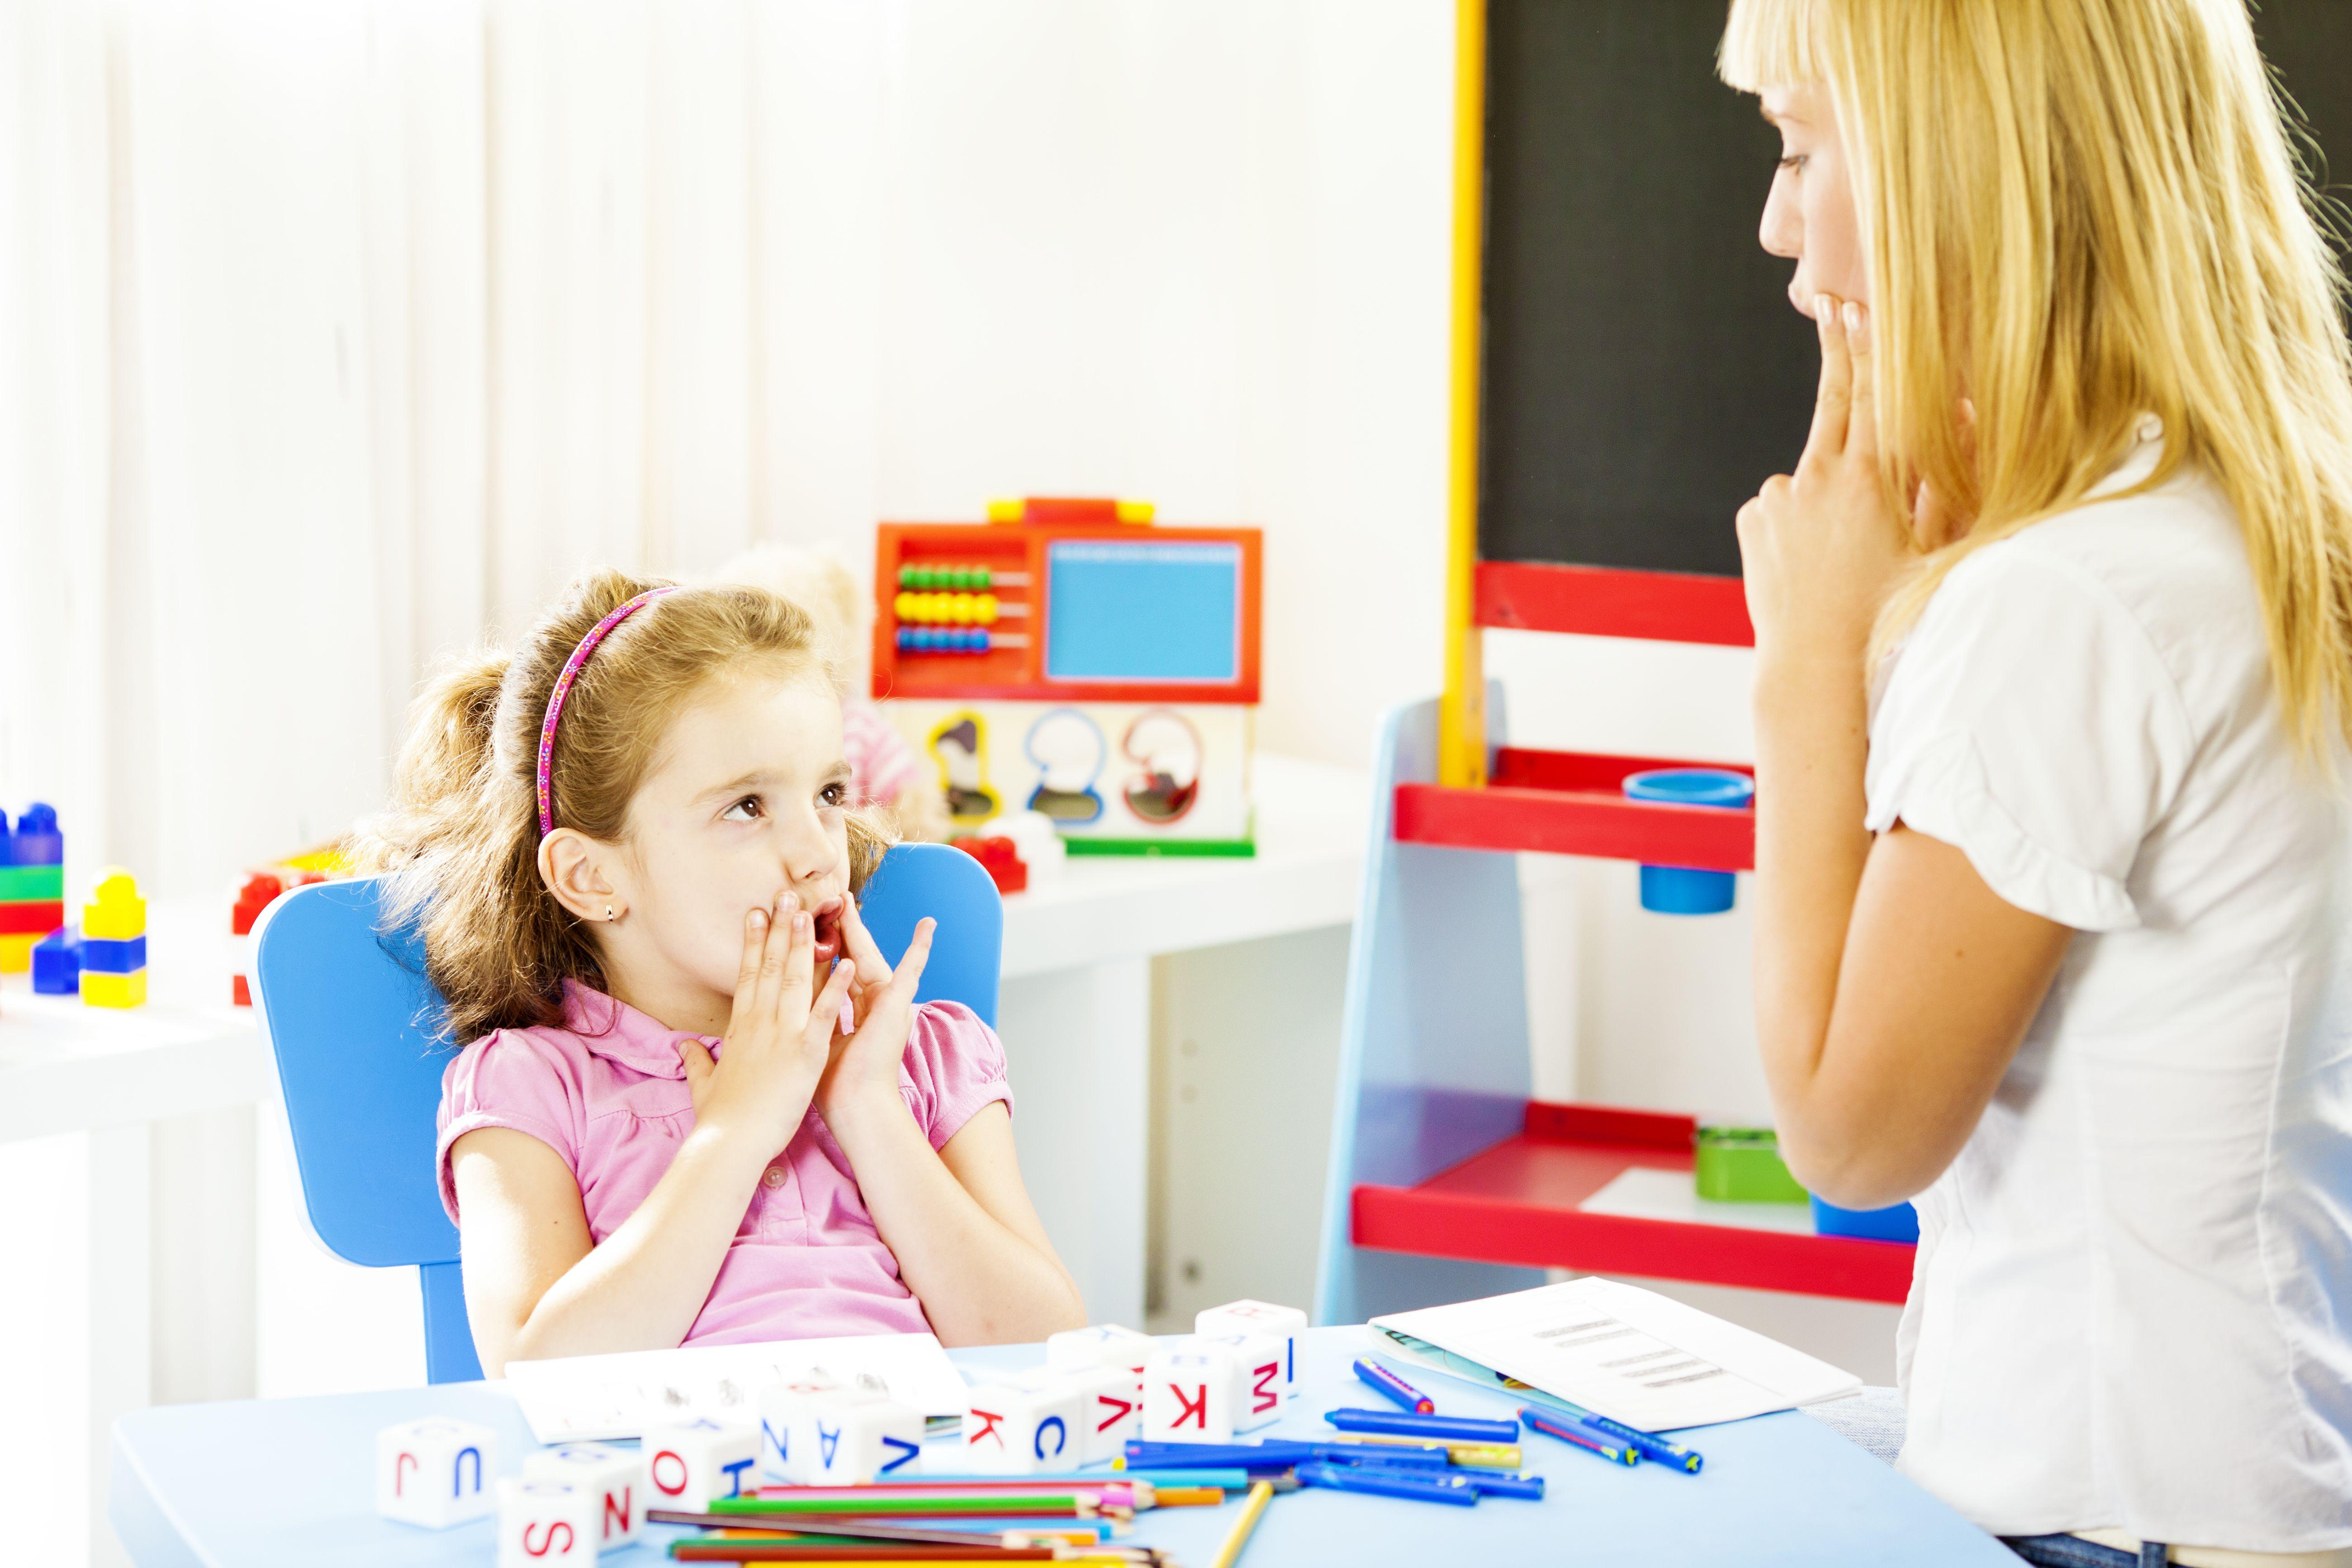 Psicología infantil: Centro de psicología de Centro de Psicología Optimiza